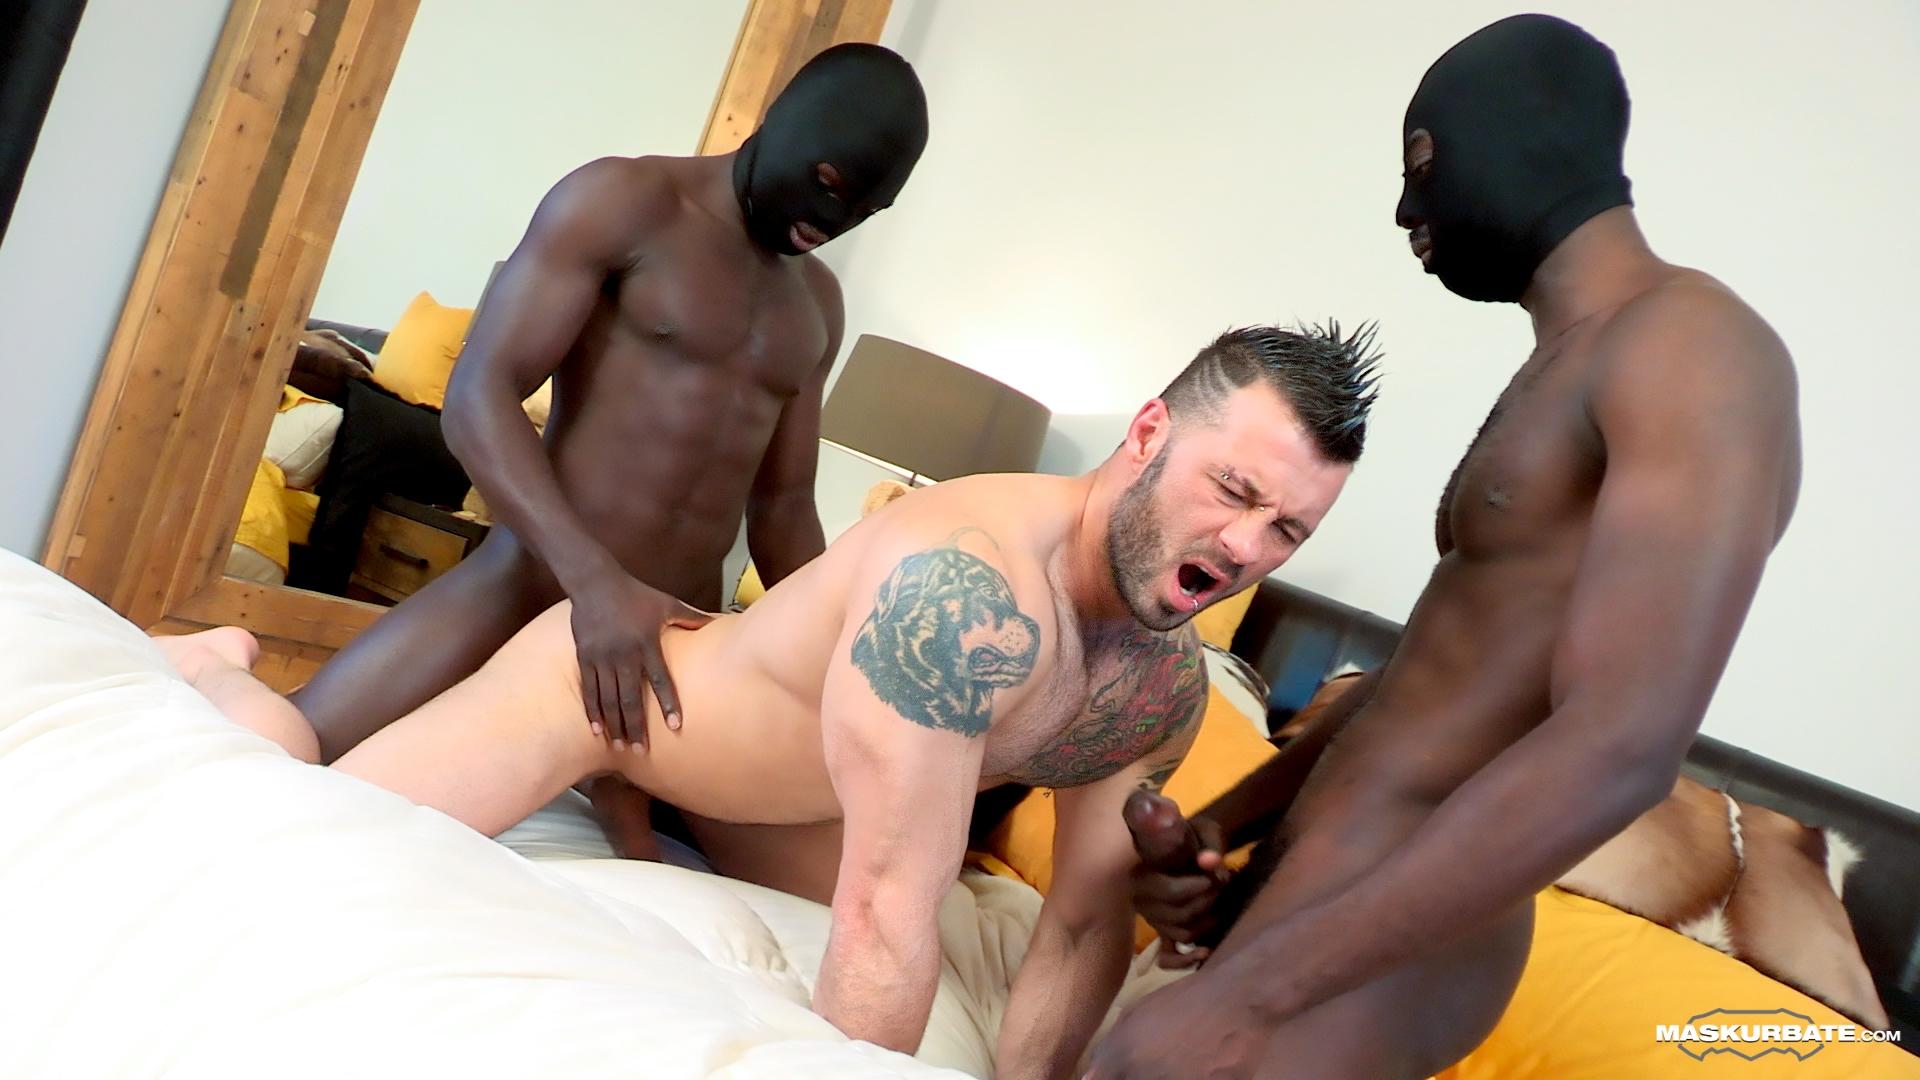 Pornon black man video, pornography scene